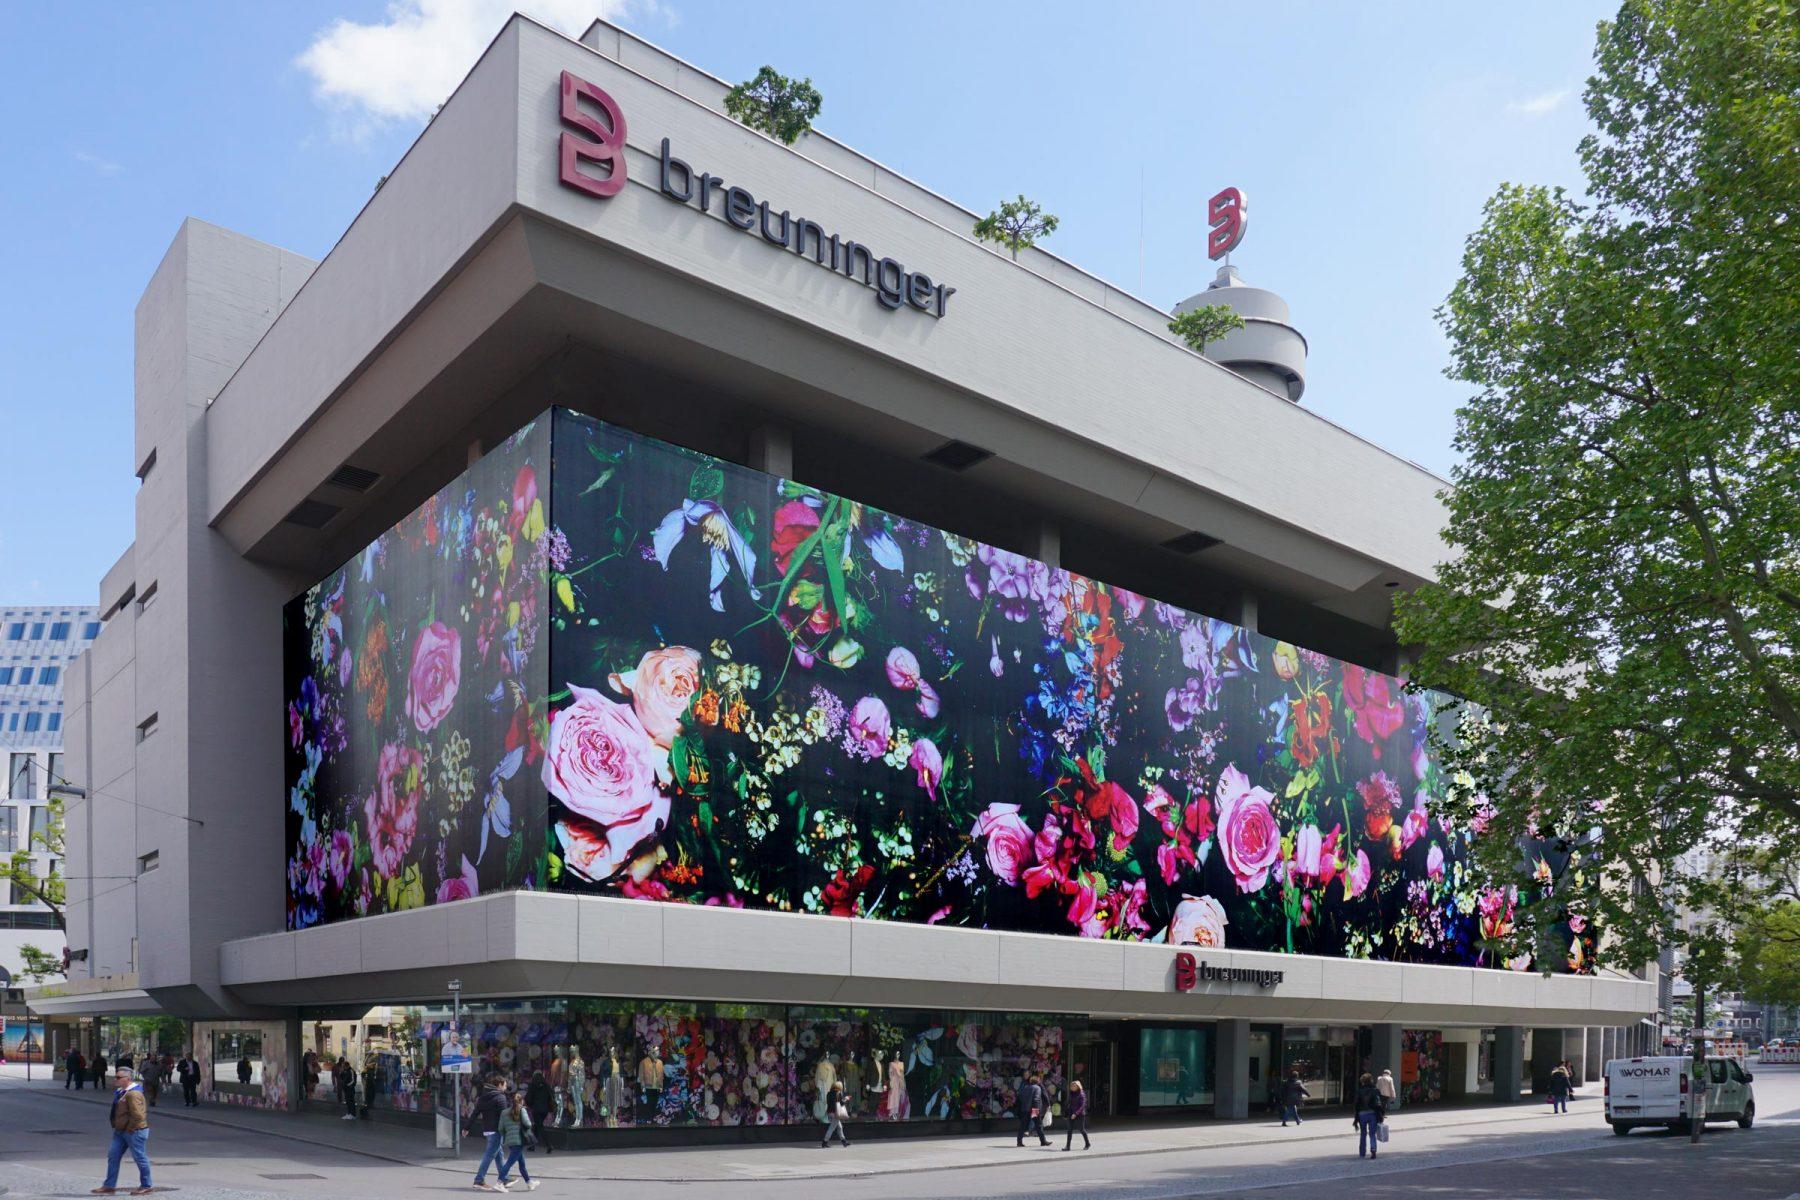 breuninger textilfassade